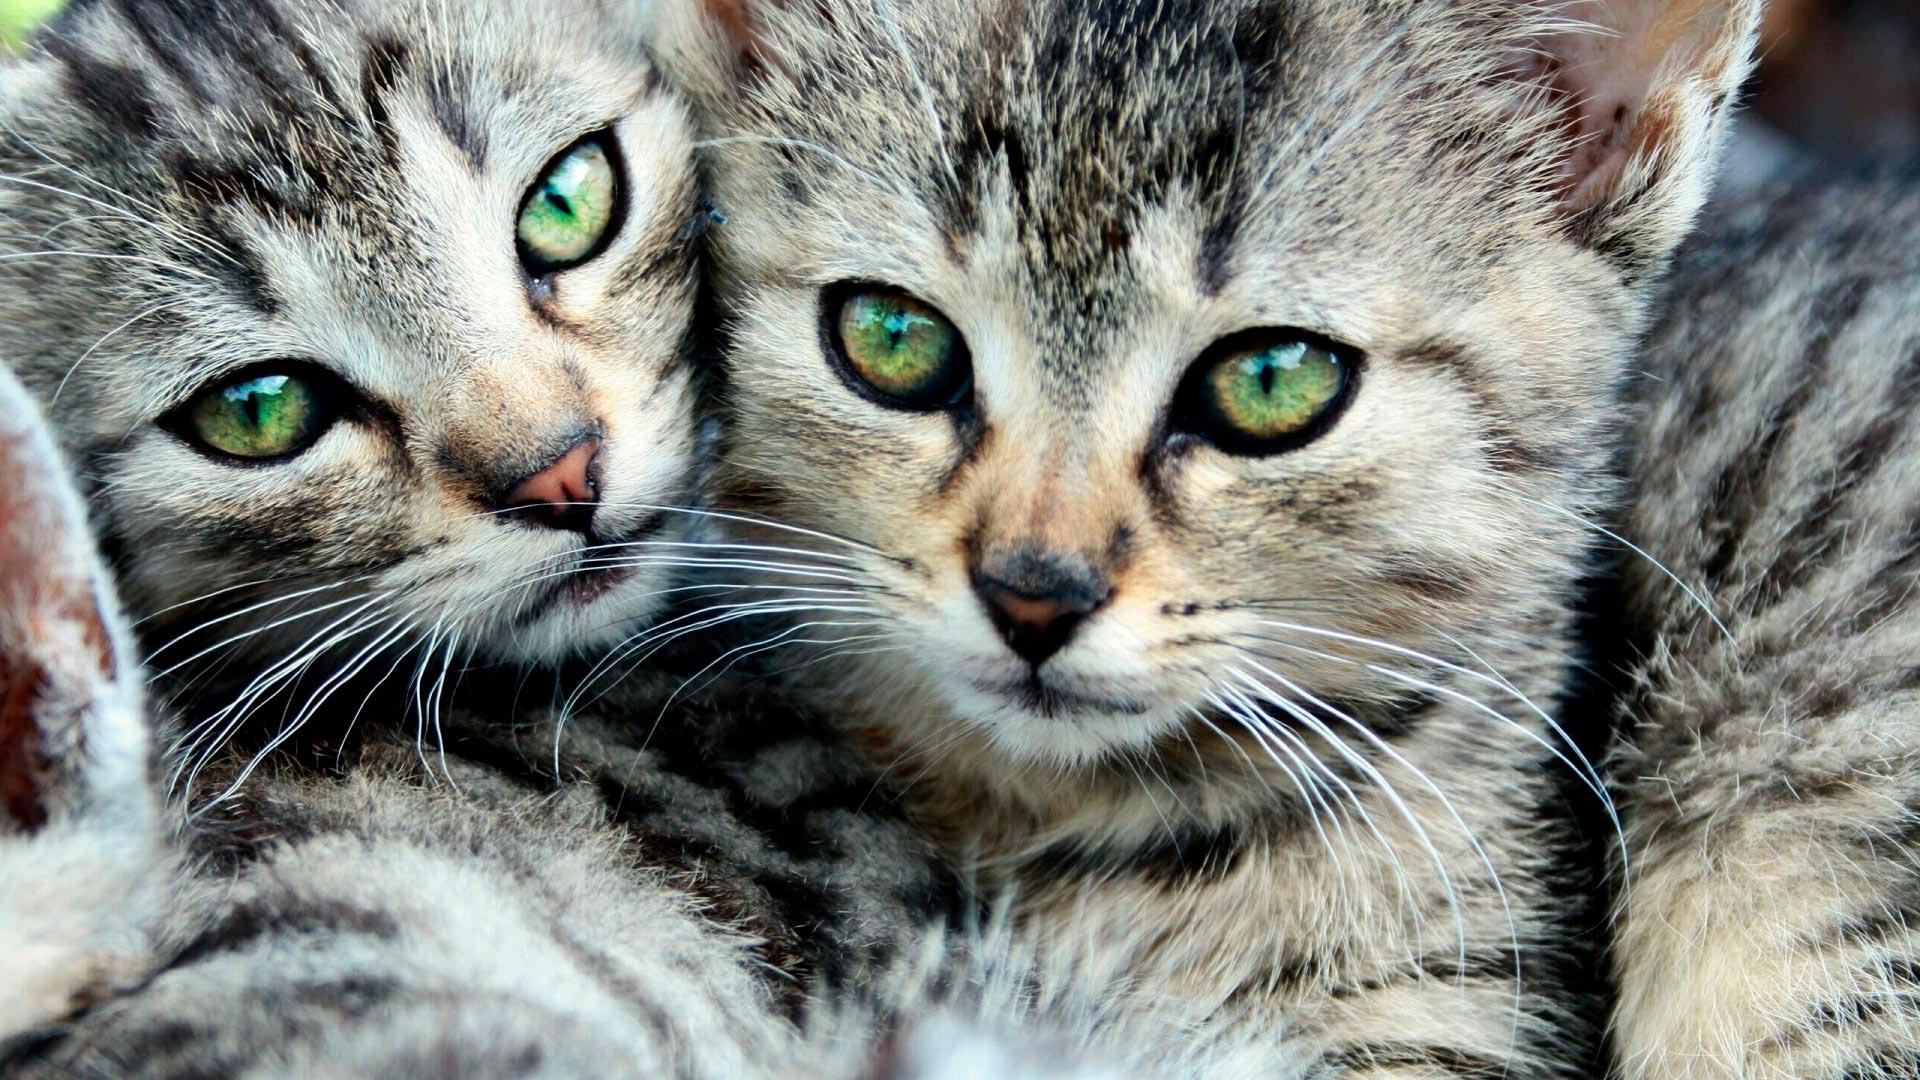 обои кошки картинки котята для рабочего стола клапанам кровь идет